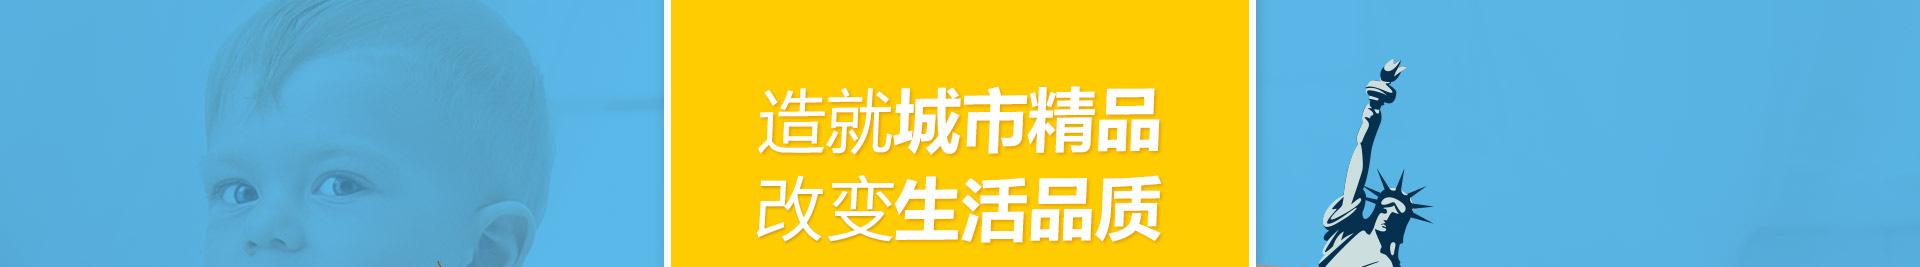 贝莱优品进口商品超市加盟-全信加盟网